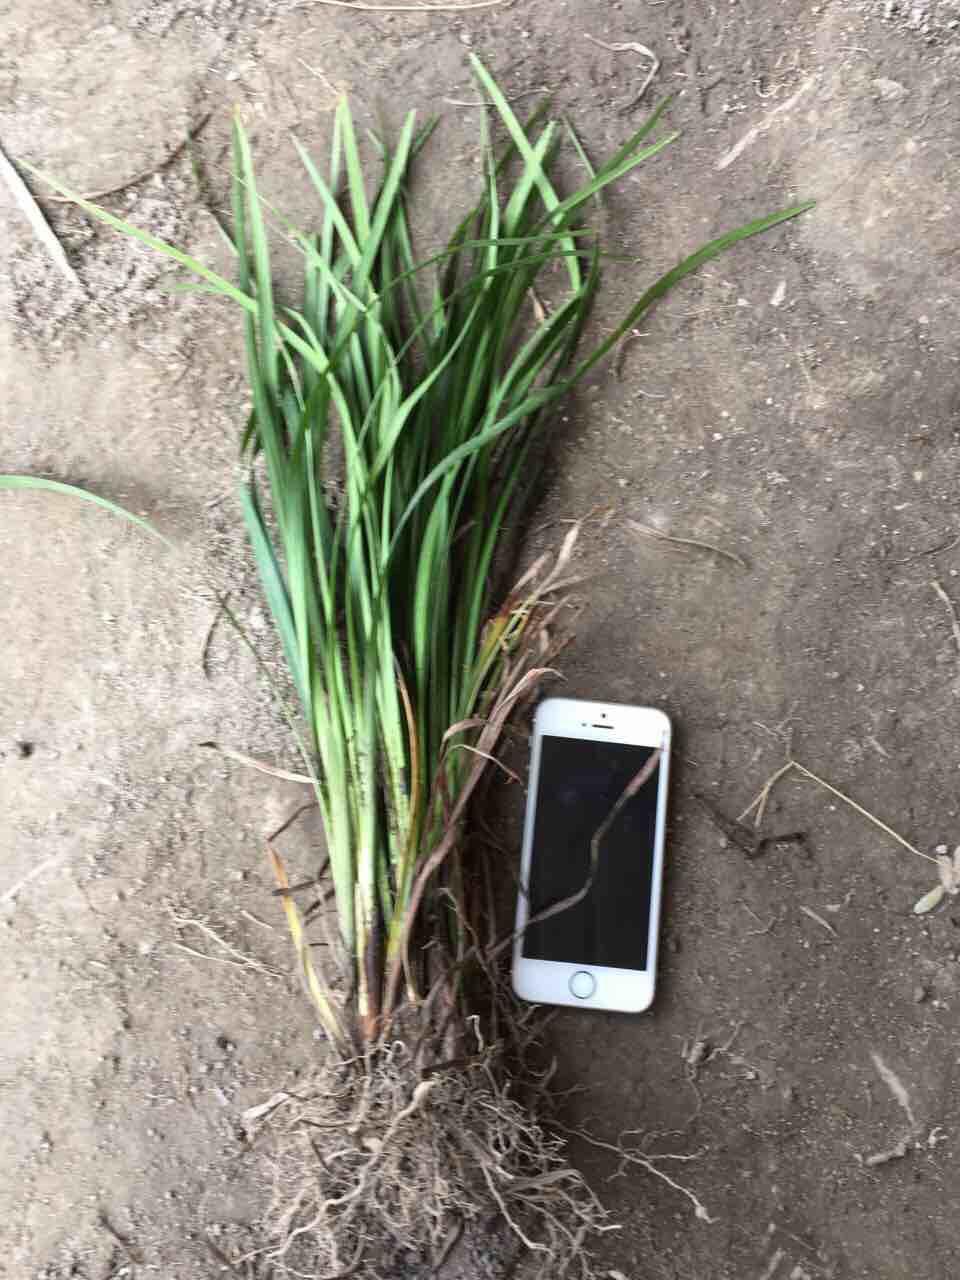 旱三七的植物图片